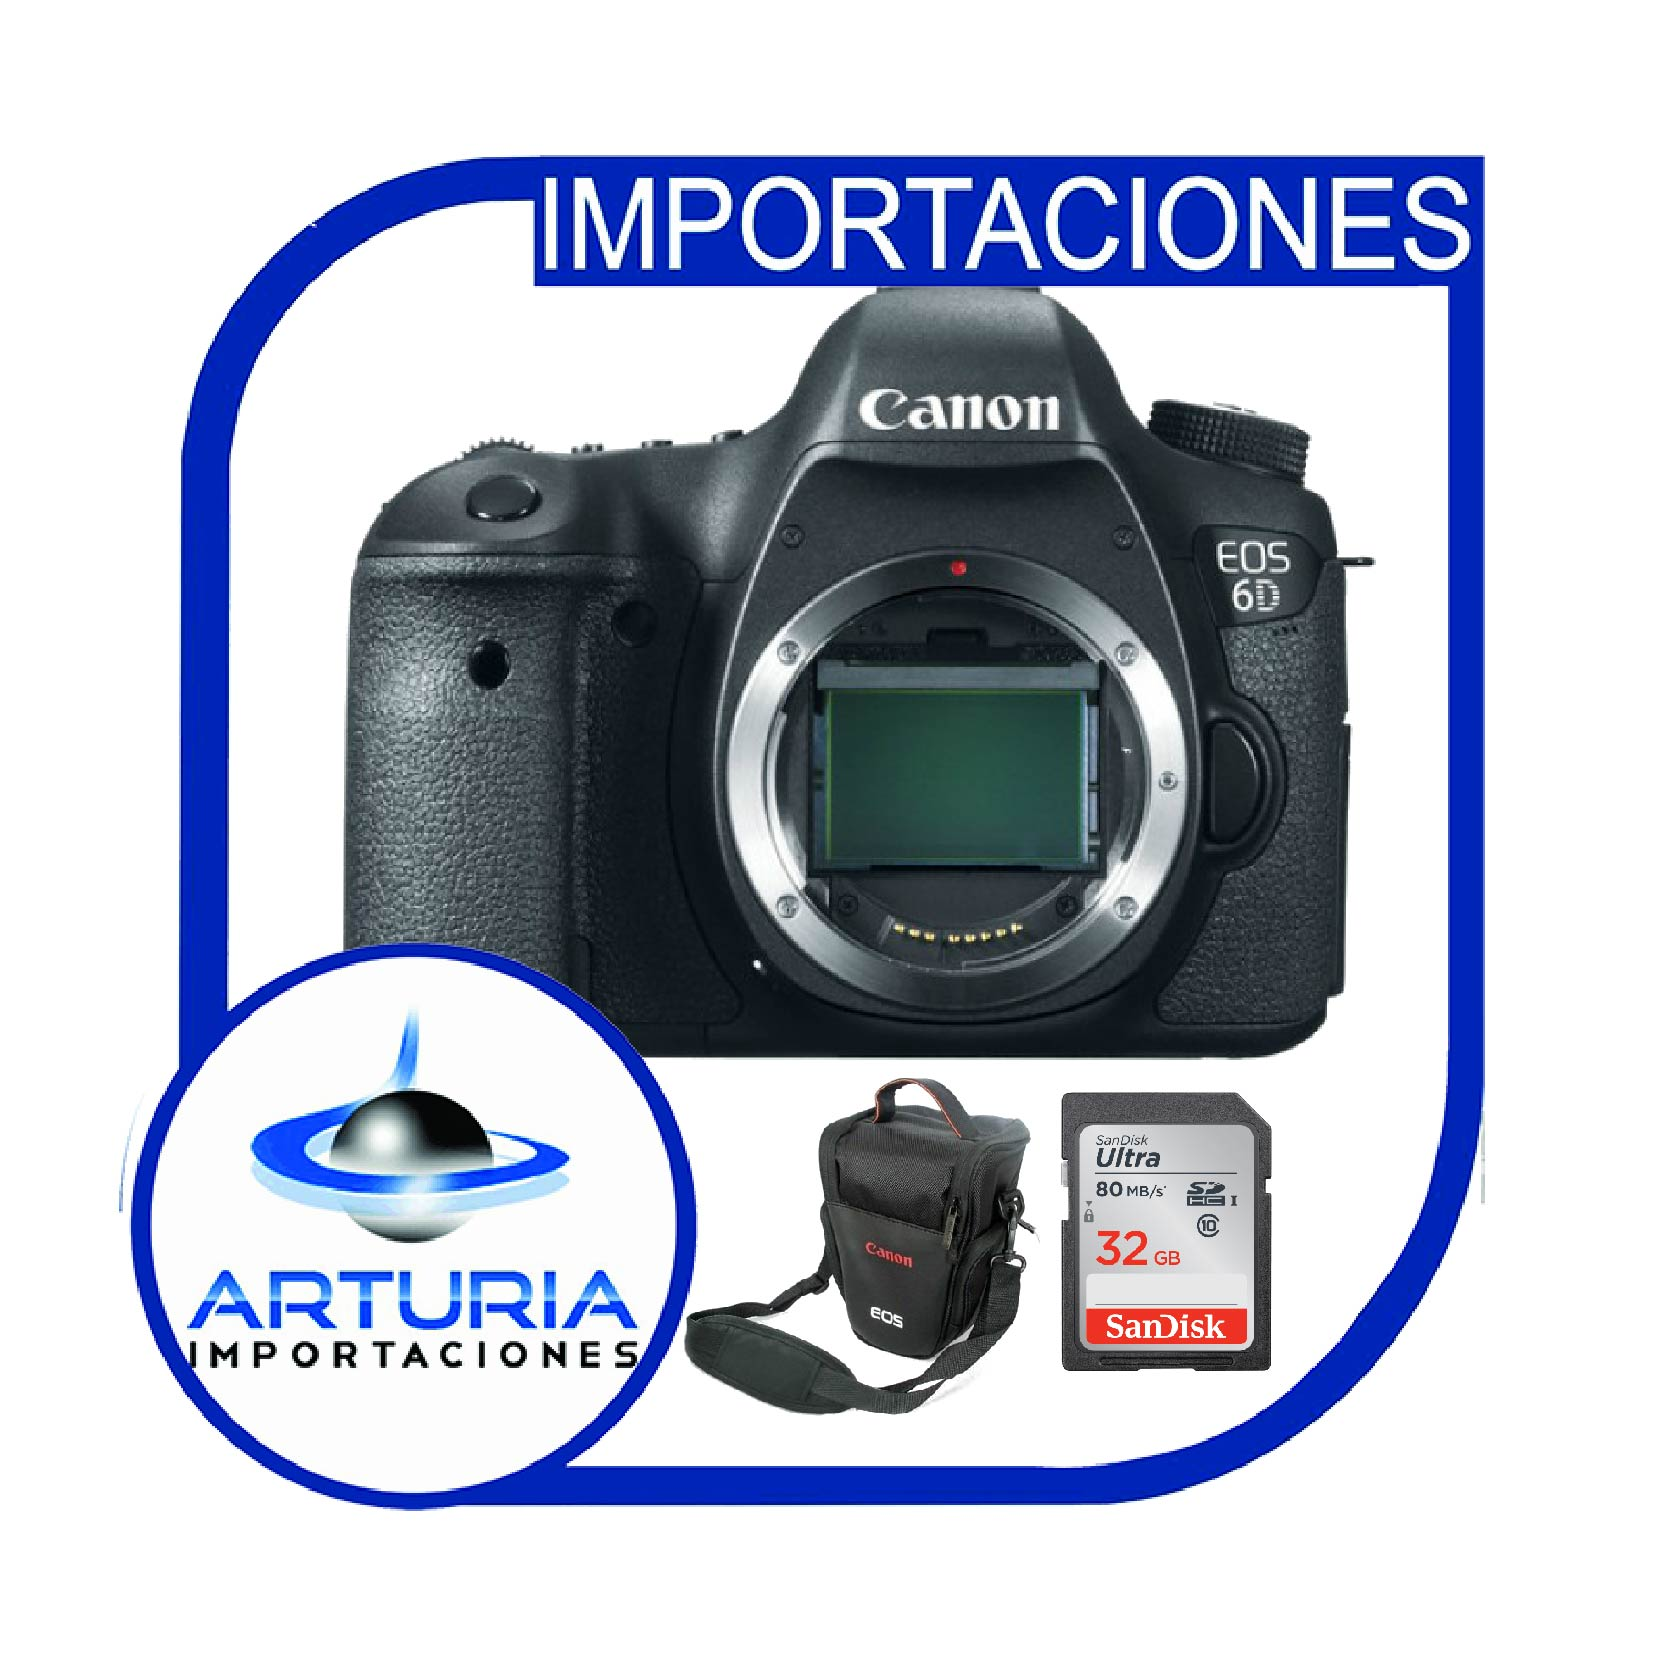 Canon 6D SOLO CUERPO + Memoria 32Gb de 80mbs + Bolso - Importaciones ...